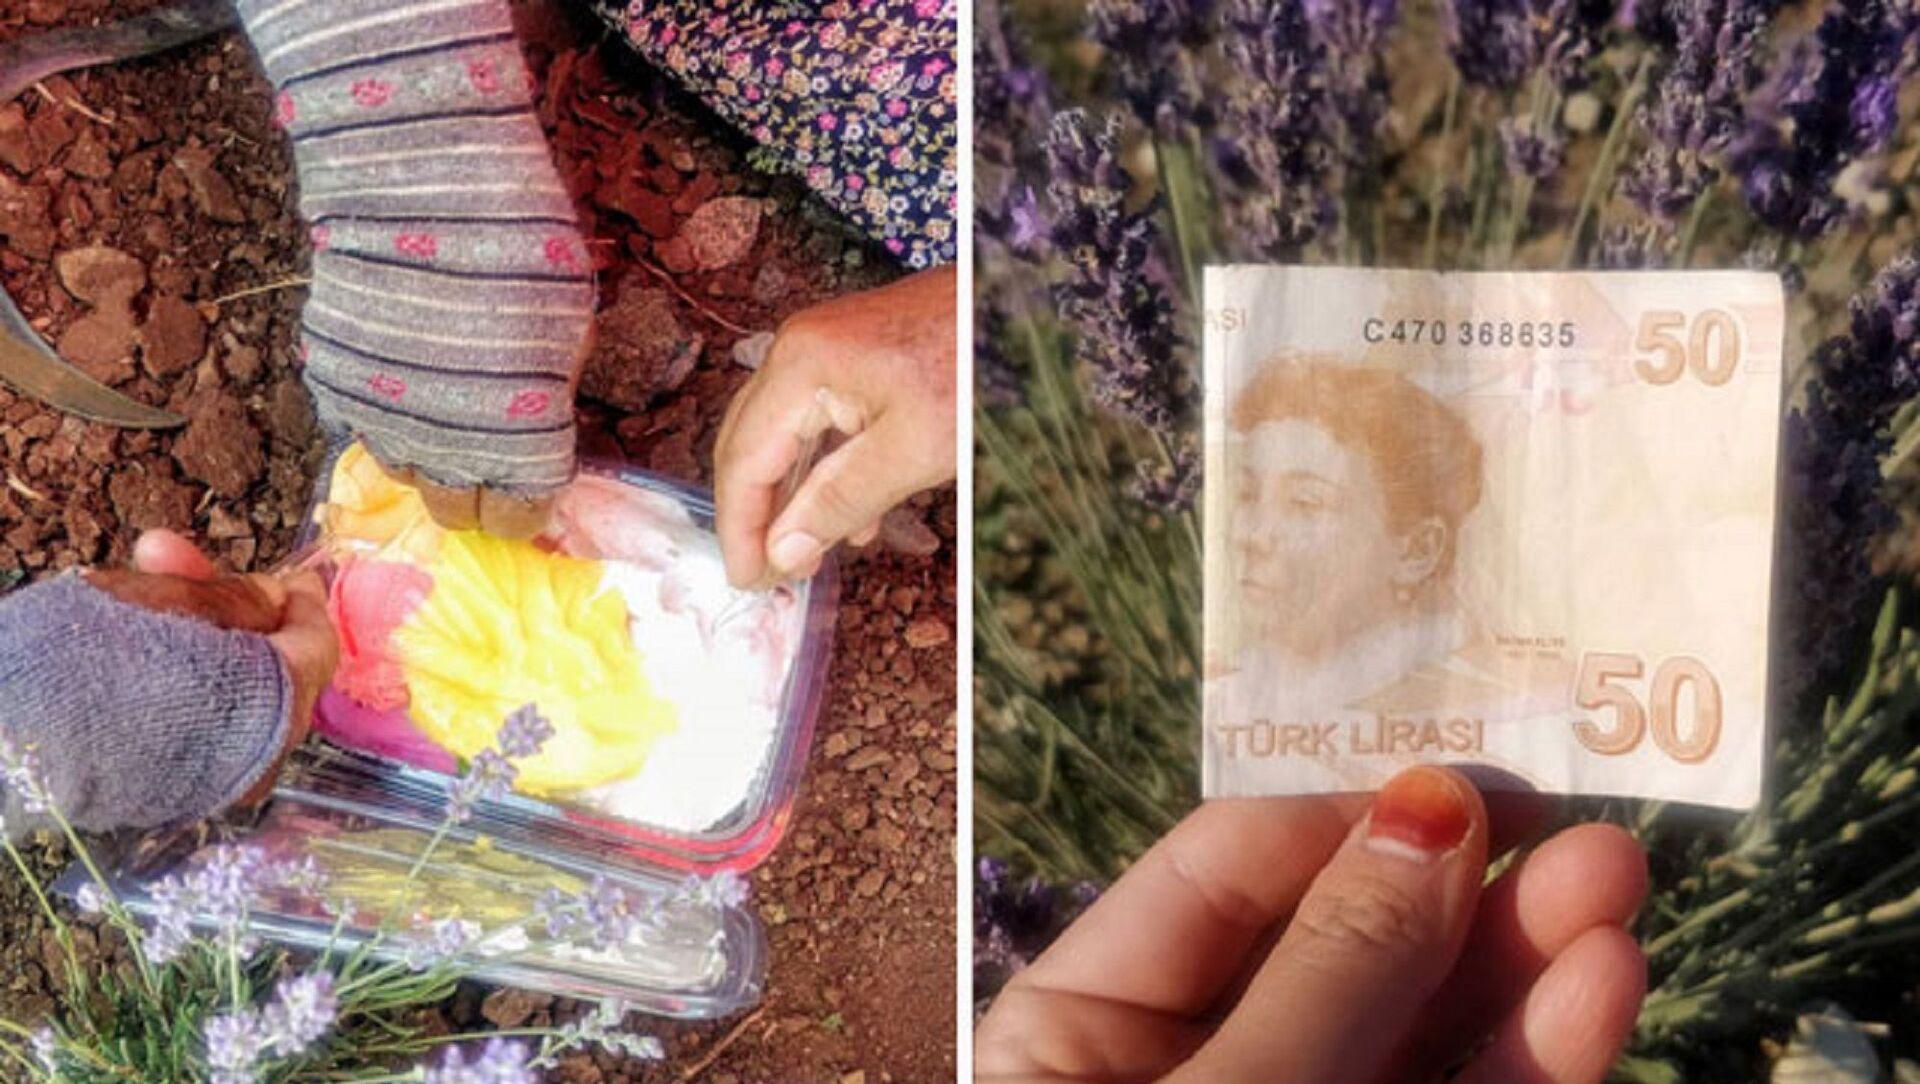 Tarlada çalışan kadın işçilere dondurma alınması için 50 lira bıraktı - Sputnik Türkiye, 1920, 09.07.2021